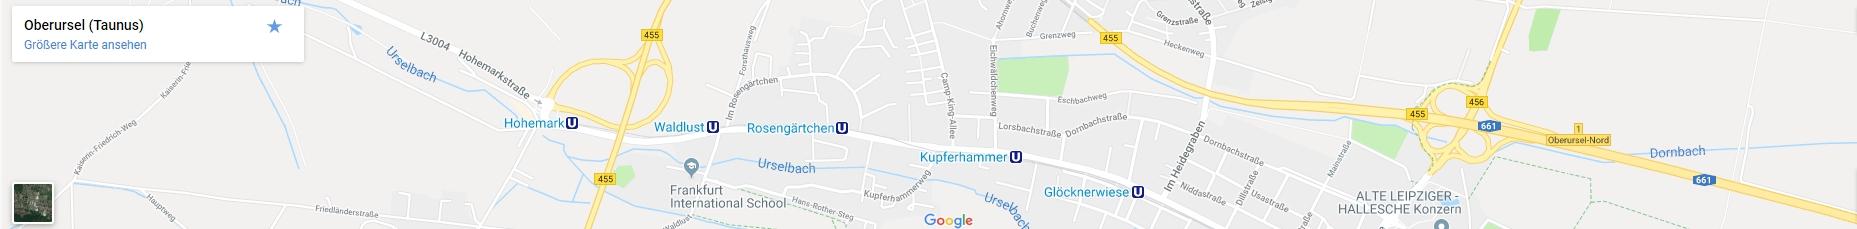 Anfahrtskarte Gaiser Grundbesitz